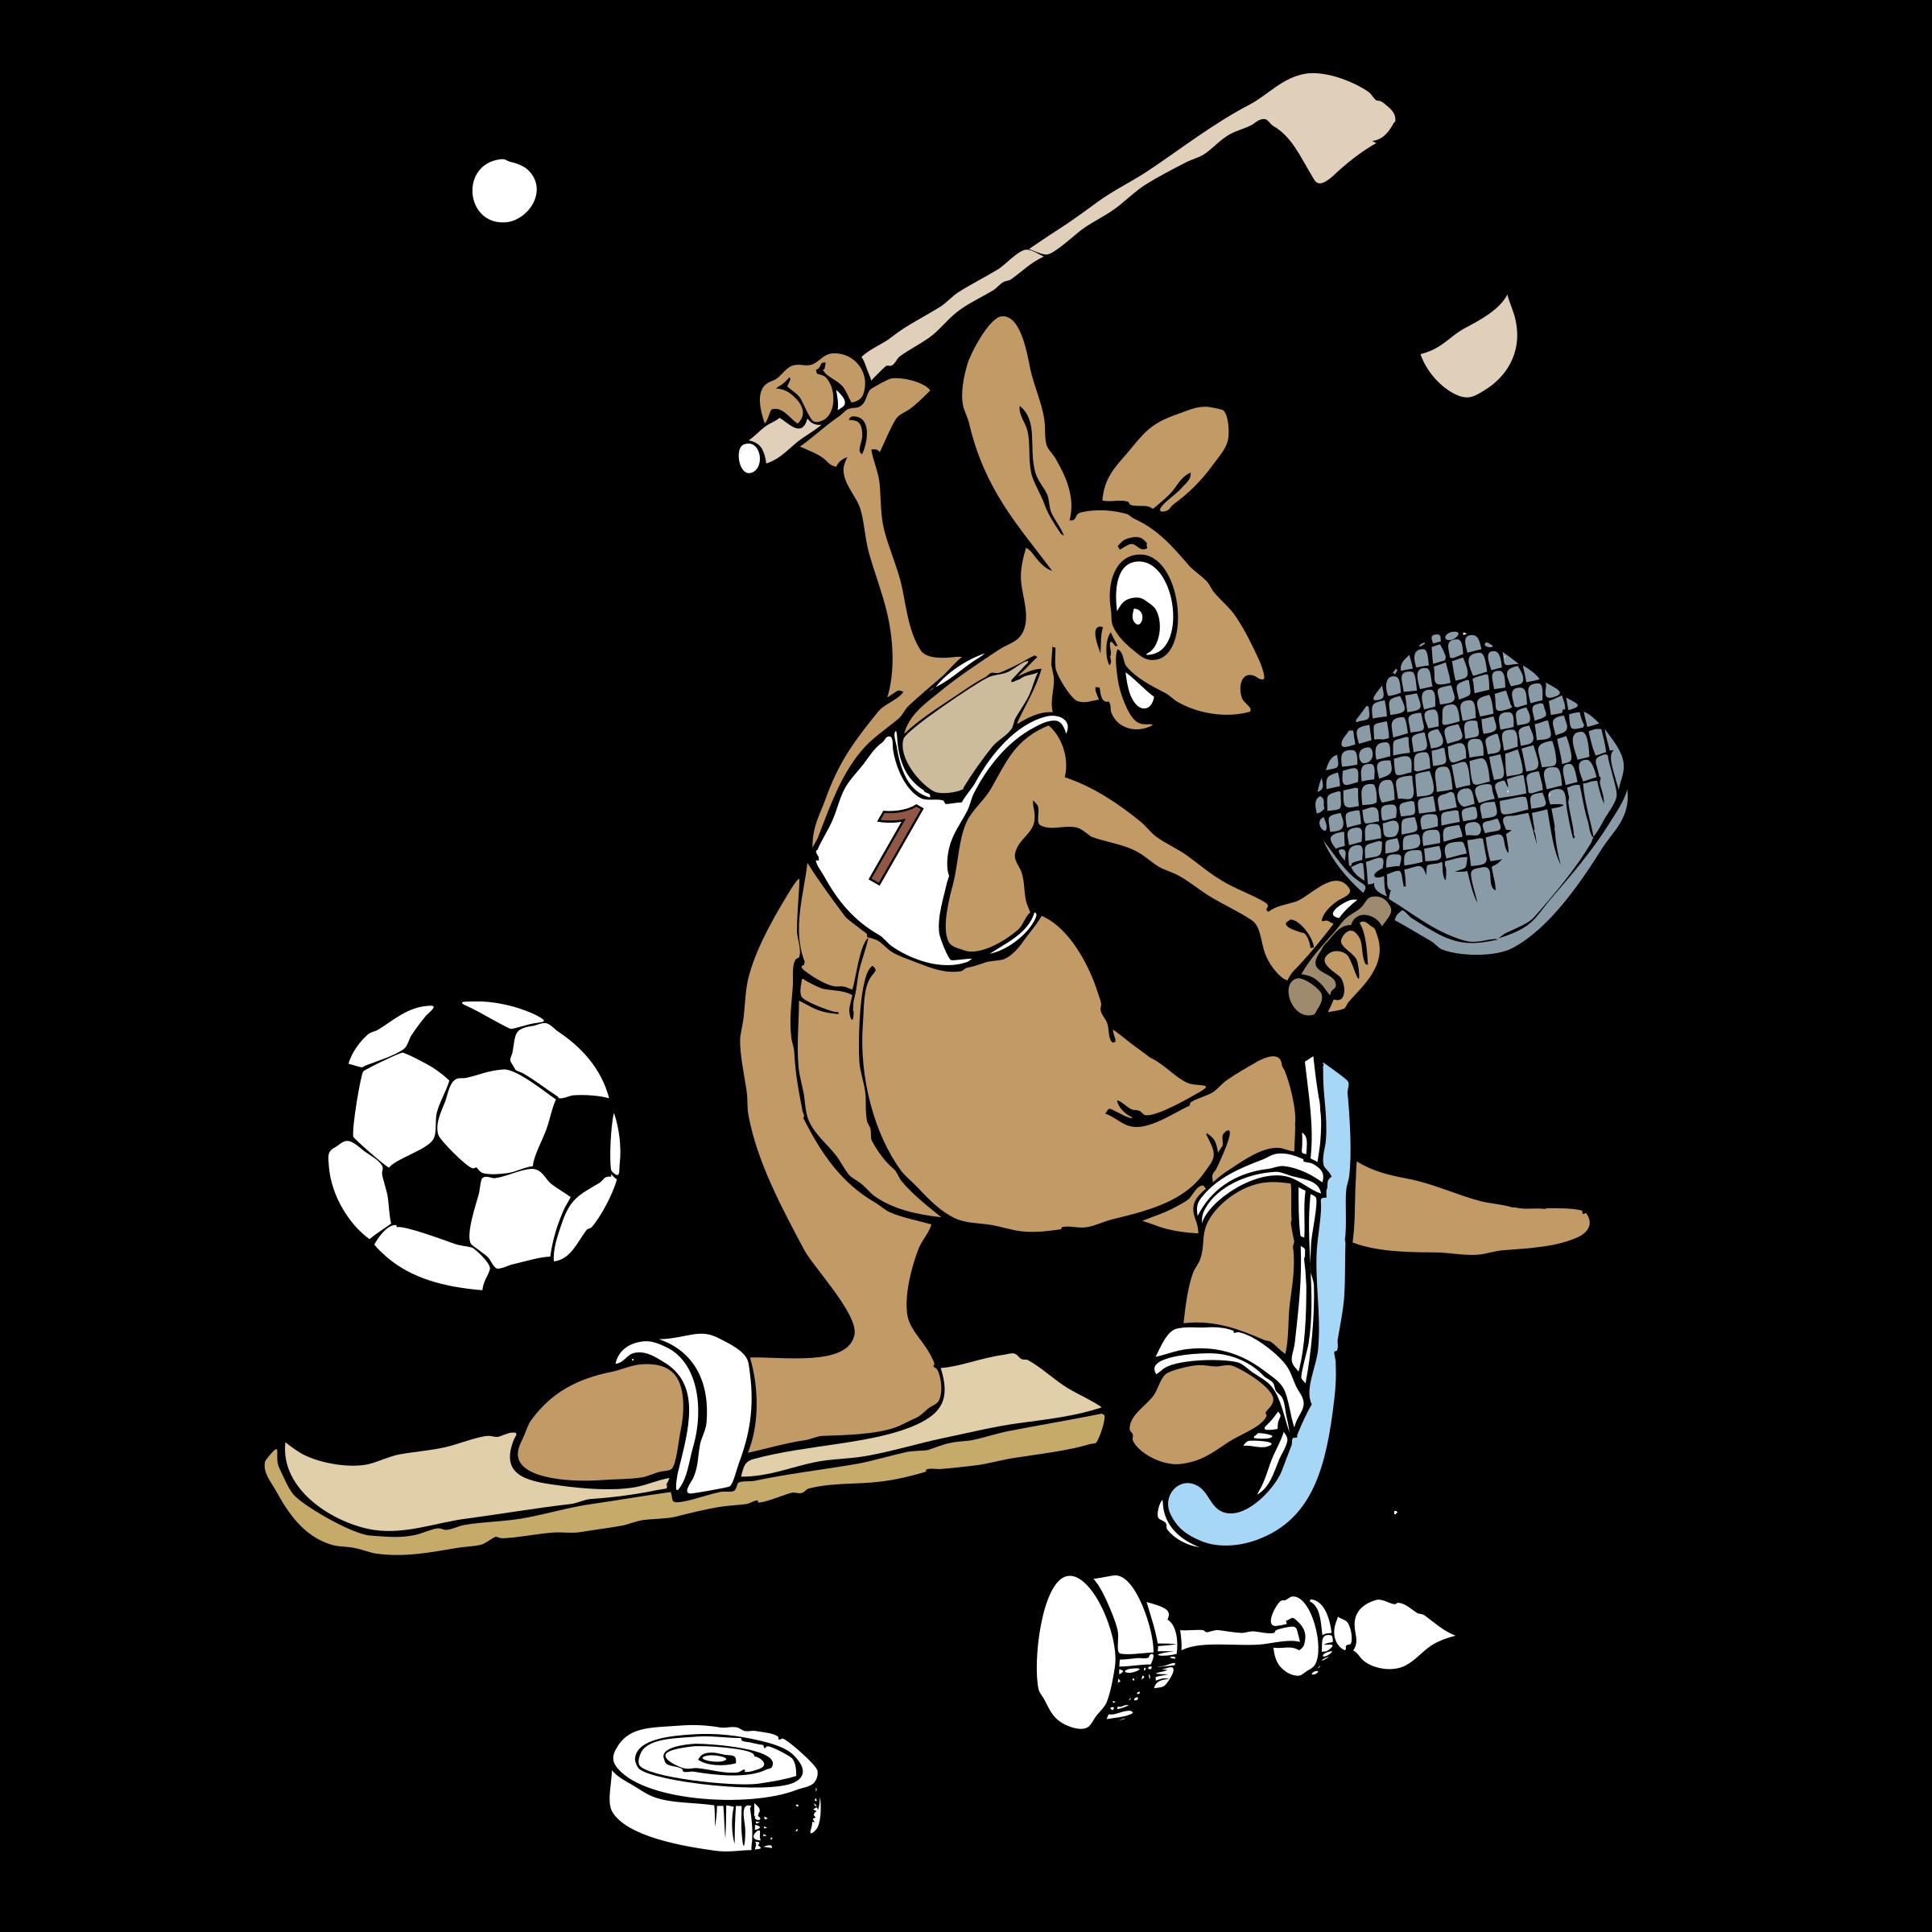 Kangaroo clipart kick. Logo png transparent svg